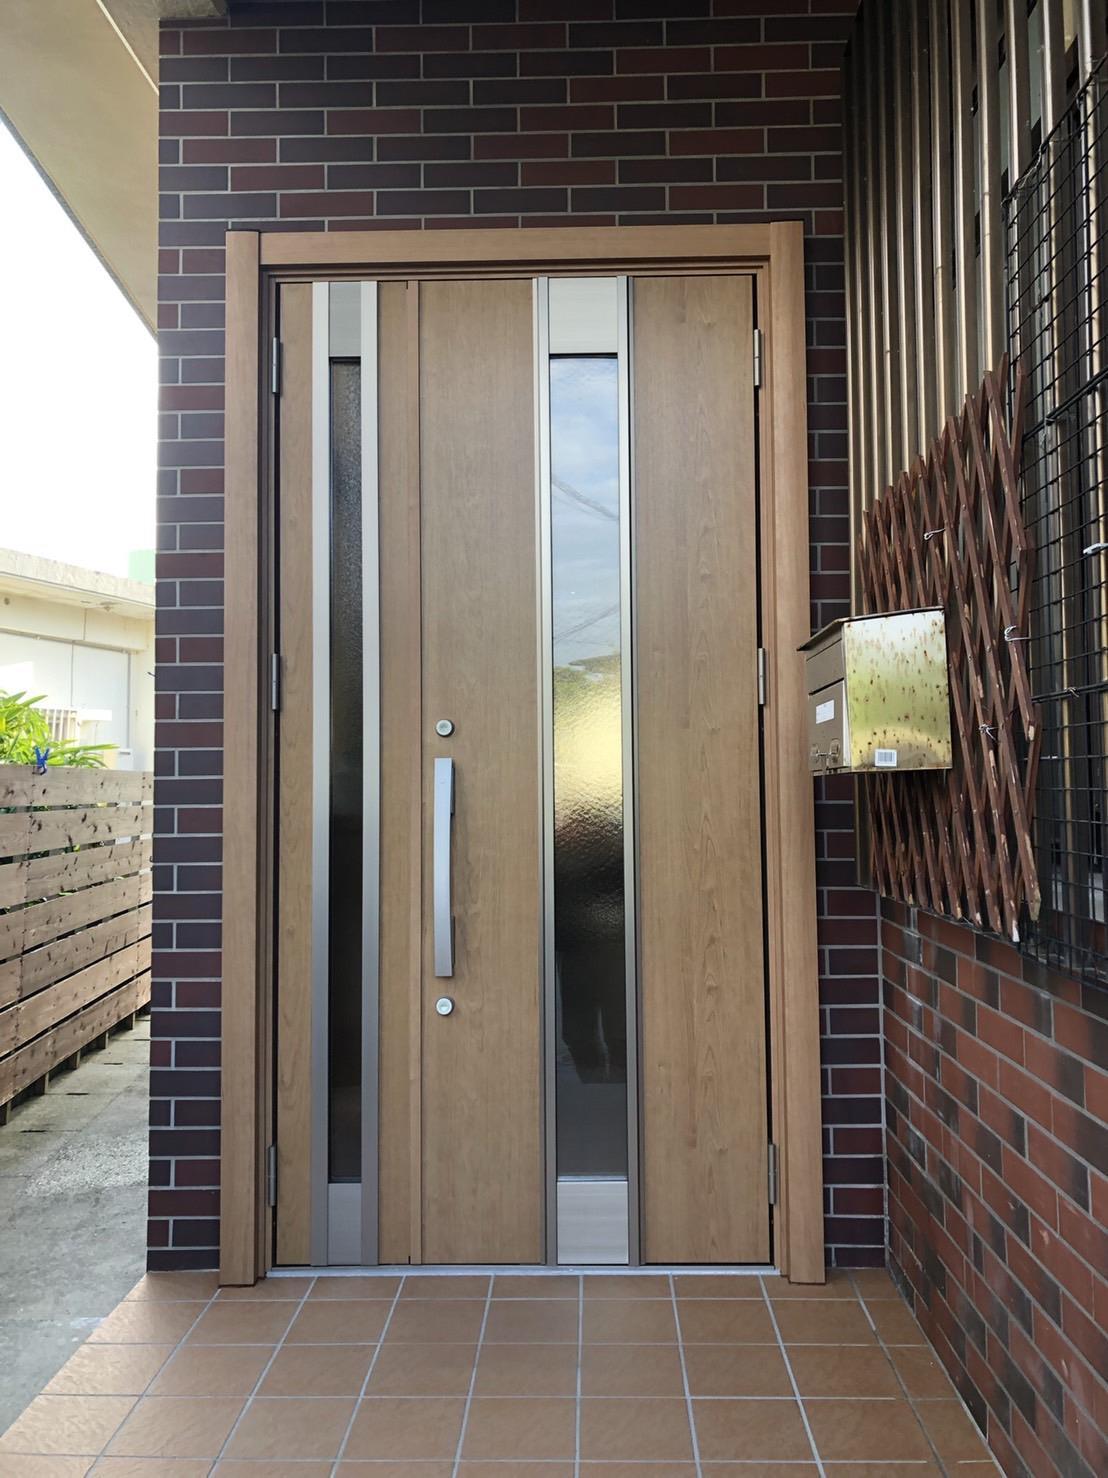 玄関ドア取替工事(リフォーム施工事例)を公開しました。   沖縄や那覇でリフォームするなら【株式会社 あうん工房】